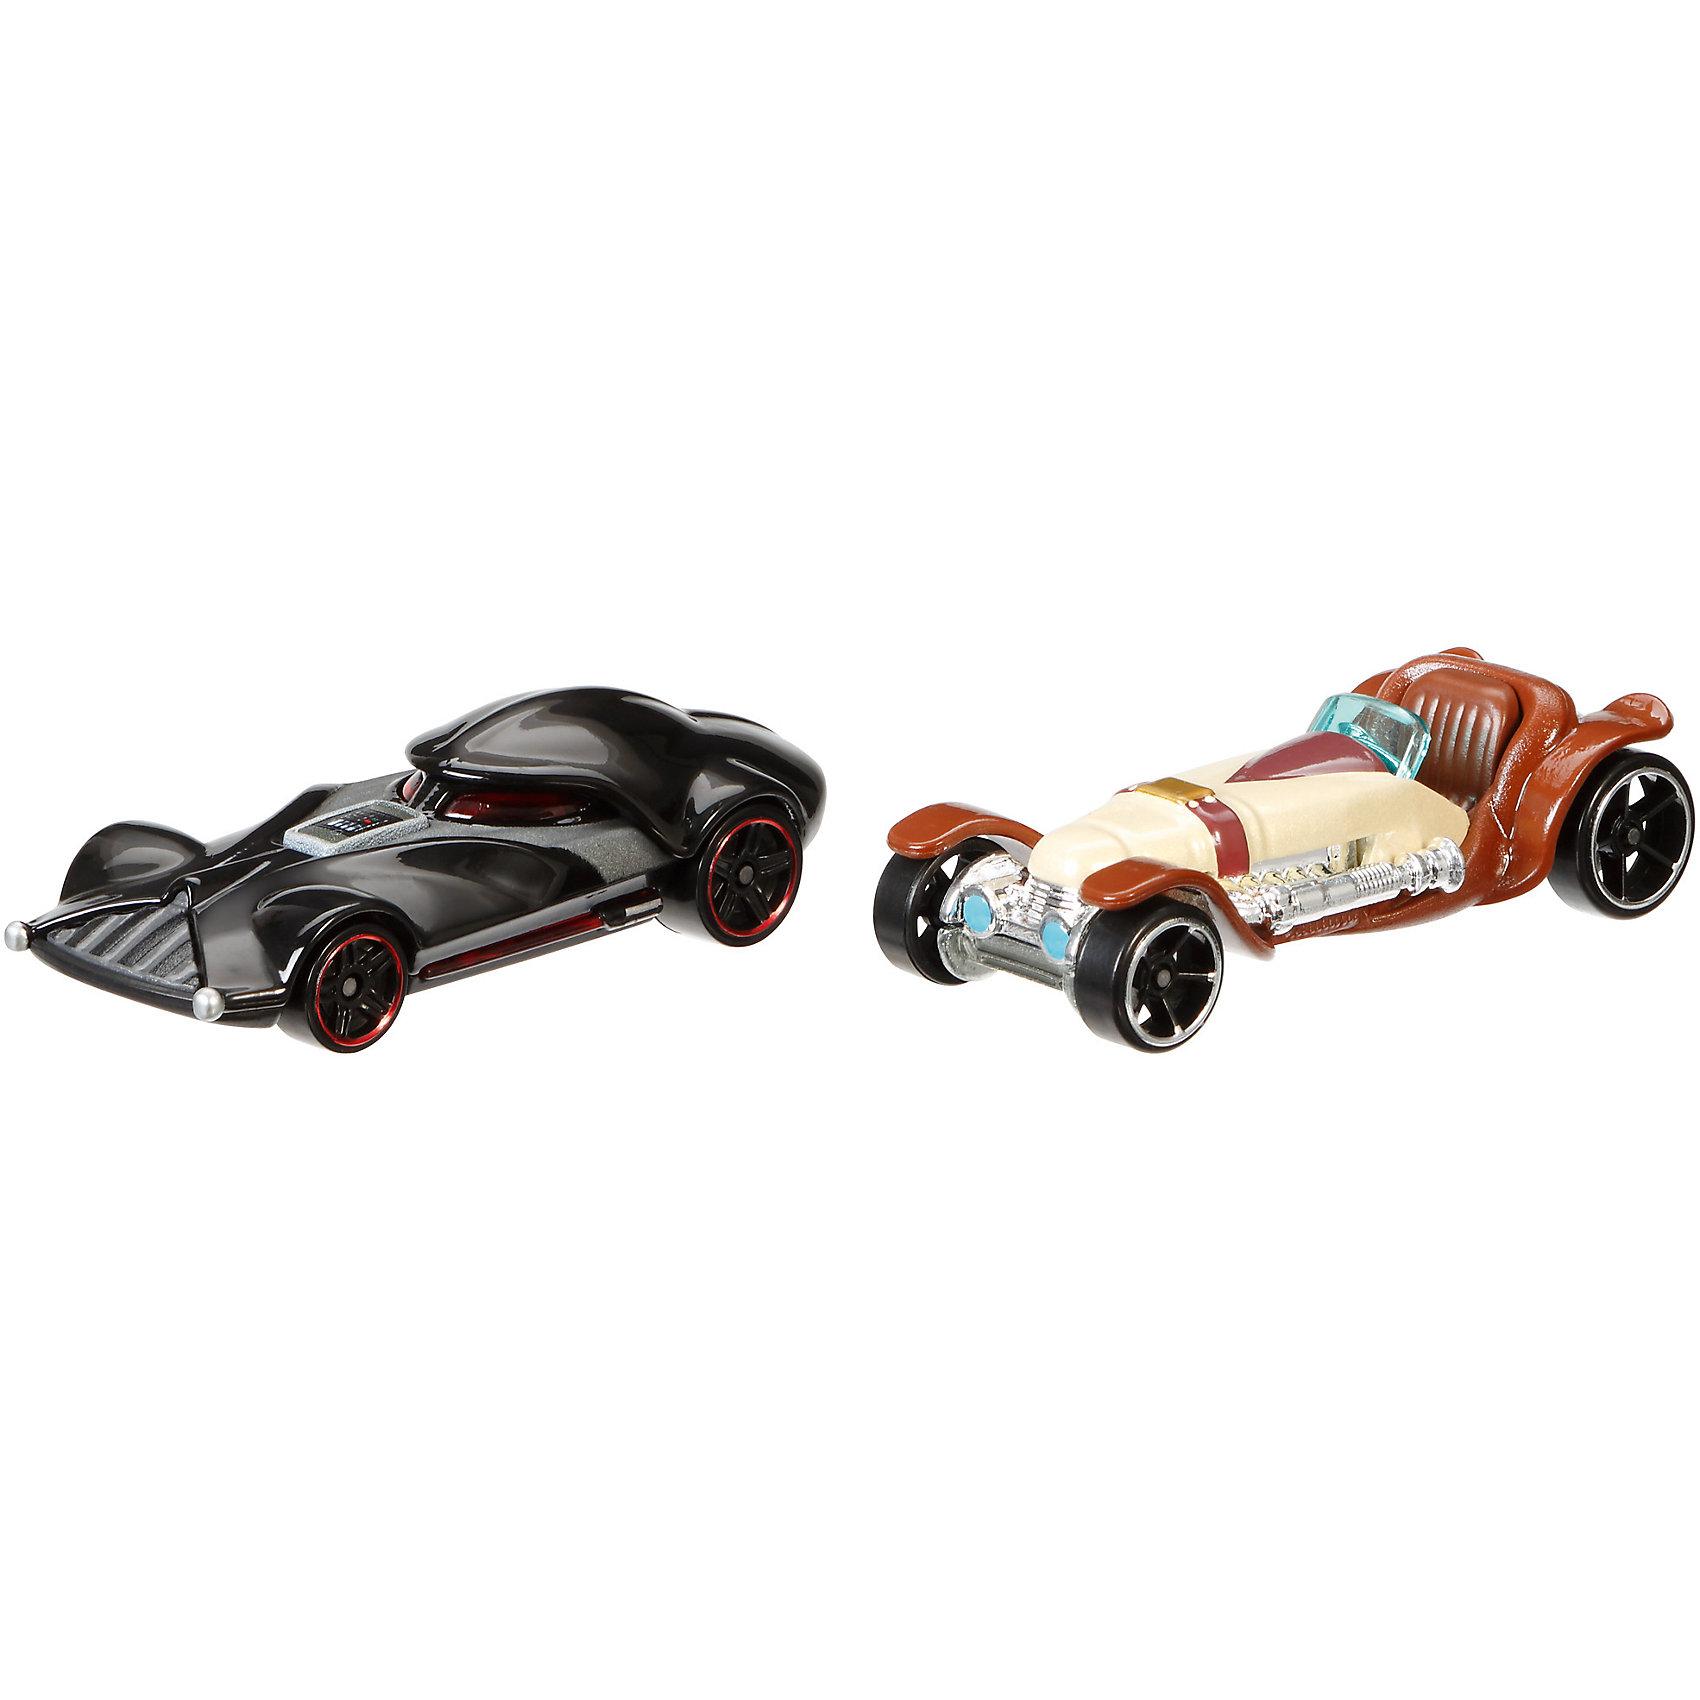 Набор из 2-х машинок Звездные войны, Hot WheelsМашинки<br>Базовые машинки Star Wars, Hot Wheels (Хот Вилс) – этот набор порадует юного автолюбителя и поклонника межгалактических приключений. В этом наборе от Хот Вилс любимые миллионами персонажи «Звездных войн» робот C-3PO и астродроид R2D2 предстают в виде машинок. Несмотря на то, что их внешний вид в фильмах нисколько не походил на машины, каждый персонаж прекрасно узнаваем по цветам и характерным деталям, которые перешли от героев в дизайн автомобилей. Машинки понравятся поклонникам всех возрастов: соберите полную коллекцию и устраивайте гонки по всей галактике!  <br><br>Дополнительная информация:  <br>- В комплекте: 2 машины <br>- Масштаб: 1:64 <br>- Материал: пластик, металл <br>- Упаковка: блистер на картоне <br>- Размер упаковки: 20,3 x 6,4 x 16,5 см.  <br><br>Базовые машинки Star Wars, Hot Wheels (Хот Вилс) можно купить в нашем интернет-магазине.<br><br>Ширина мм: 201<br>Глубина мм: 164<br>Высота мм: 67<br>Вес г: 130<br>Возраст от месяцев: 36<br>Возраст до месяцев: 72<br>Пол: Мужской<br>Возраст: Детский<br>SKU: 4744612